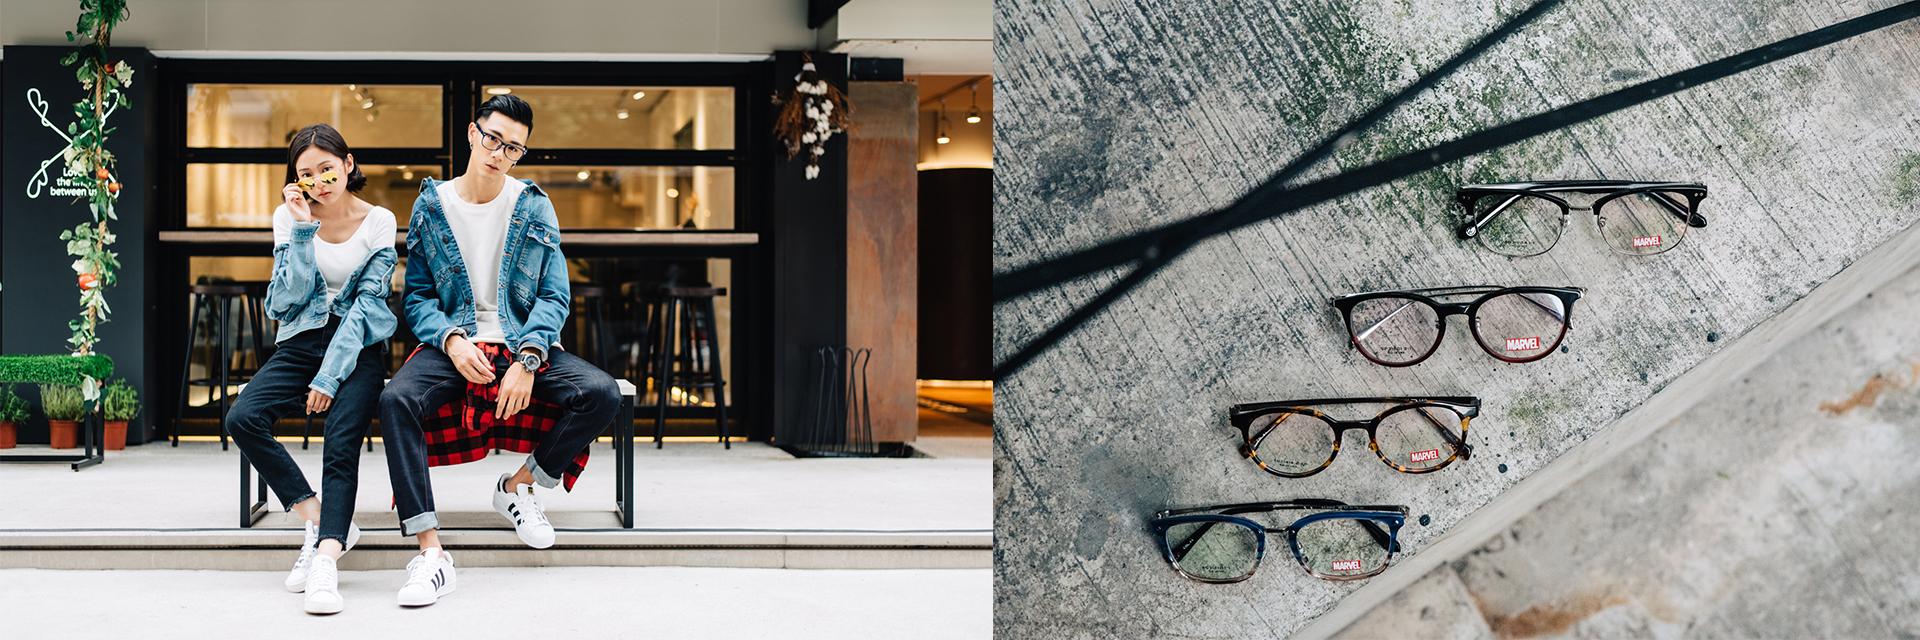 夏日穿搭新亮點!MARVEL主題+眼鏡配件,細節讓你脫穎而出!